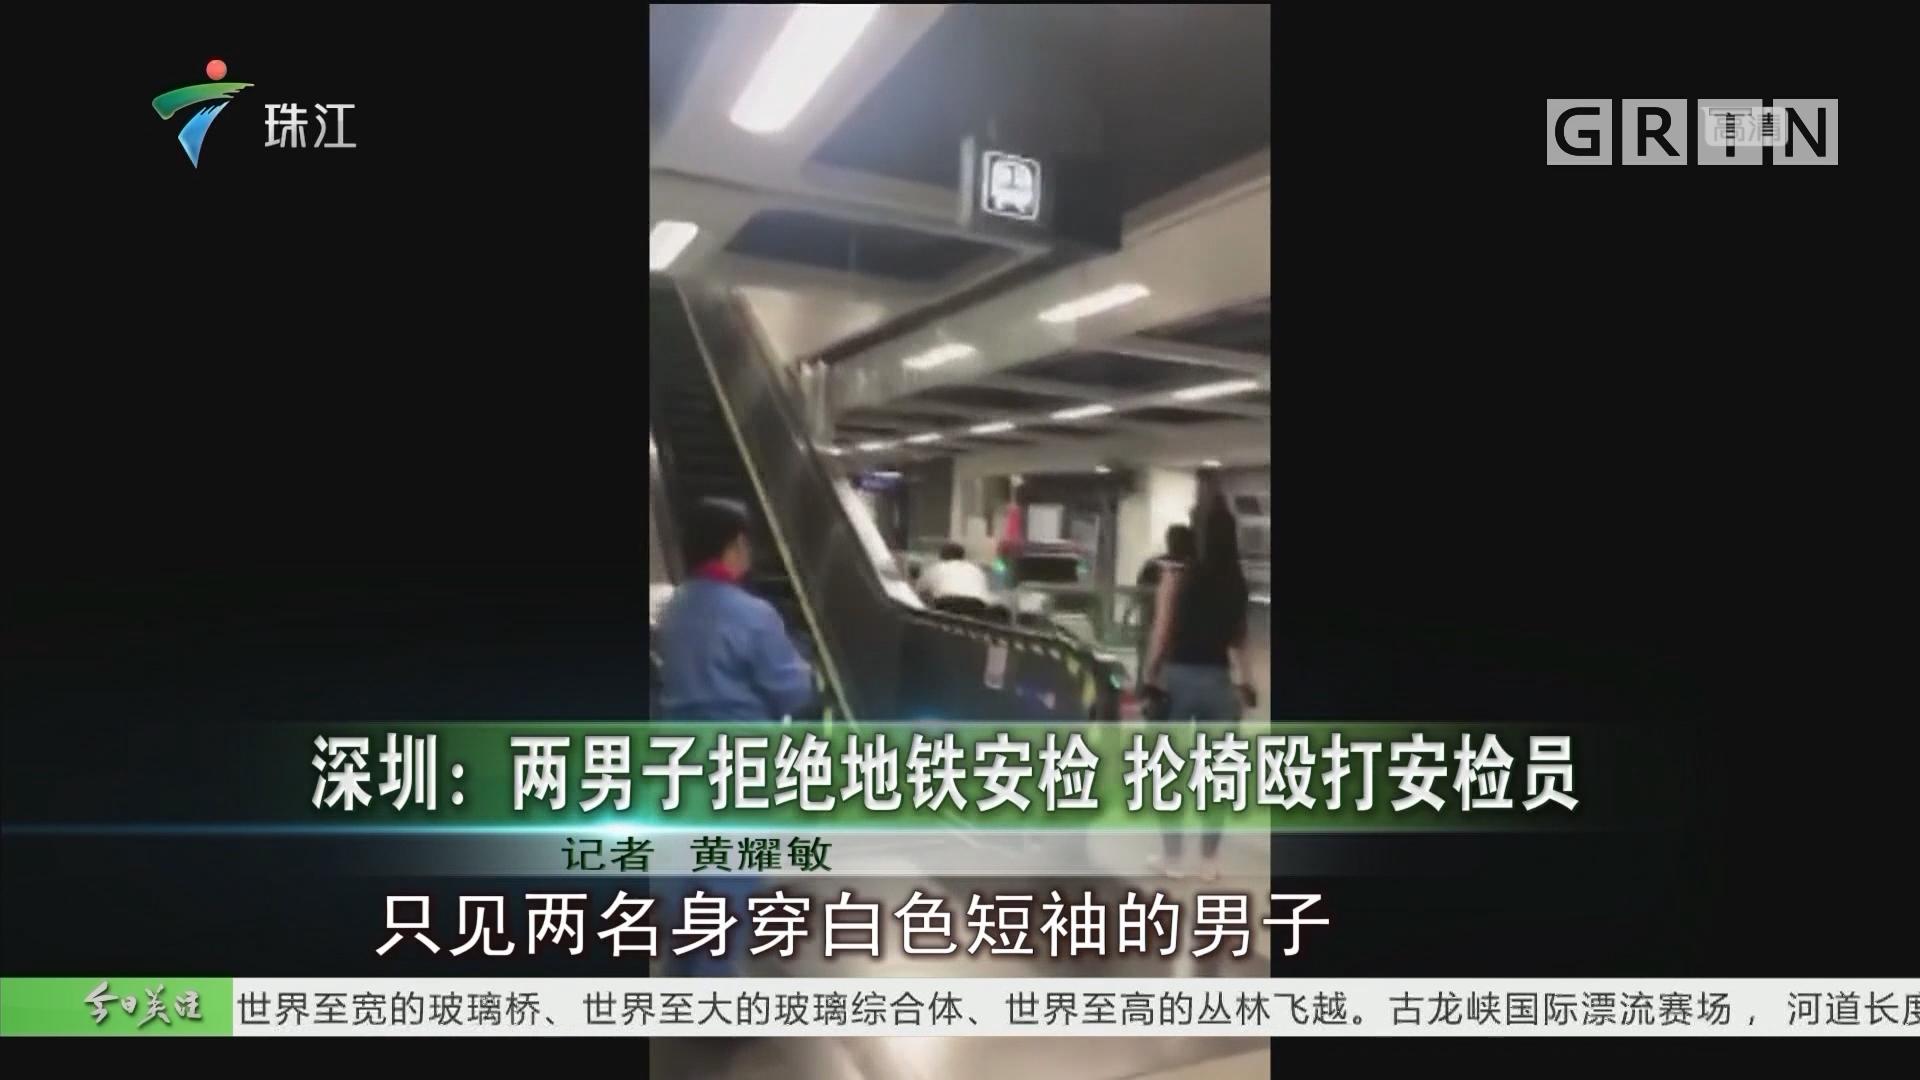 深圳:两男子拒绝地铁安检 抡椅殴打安检员